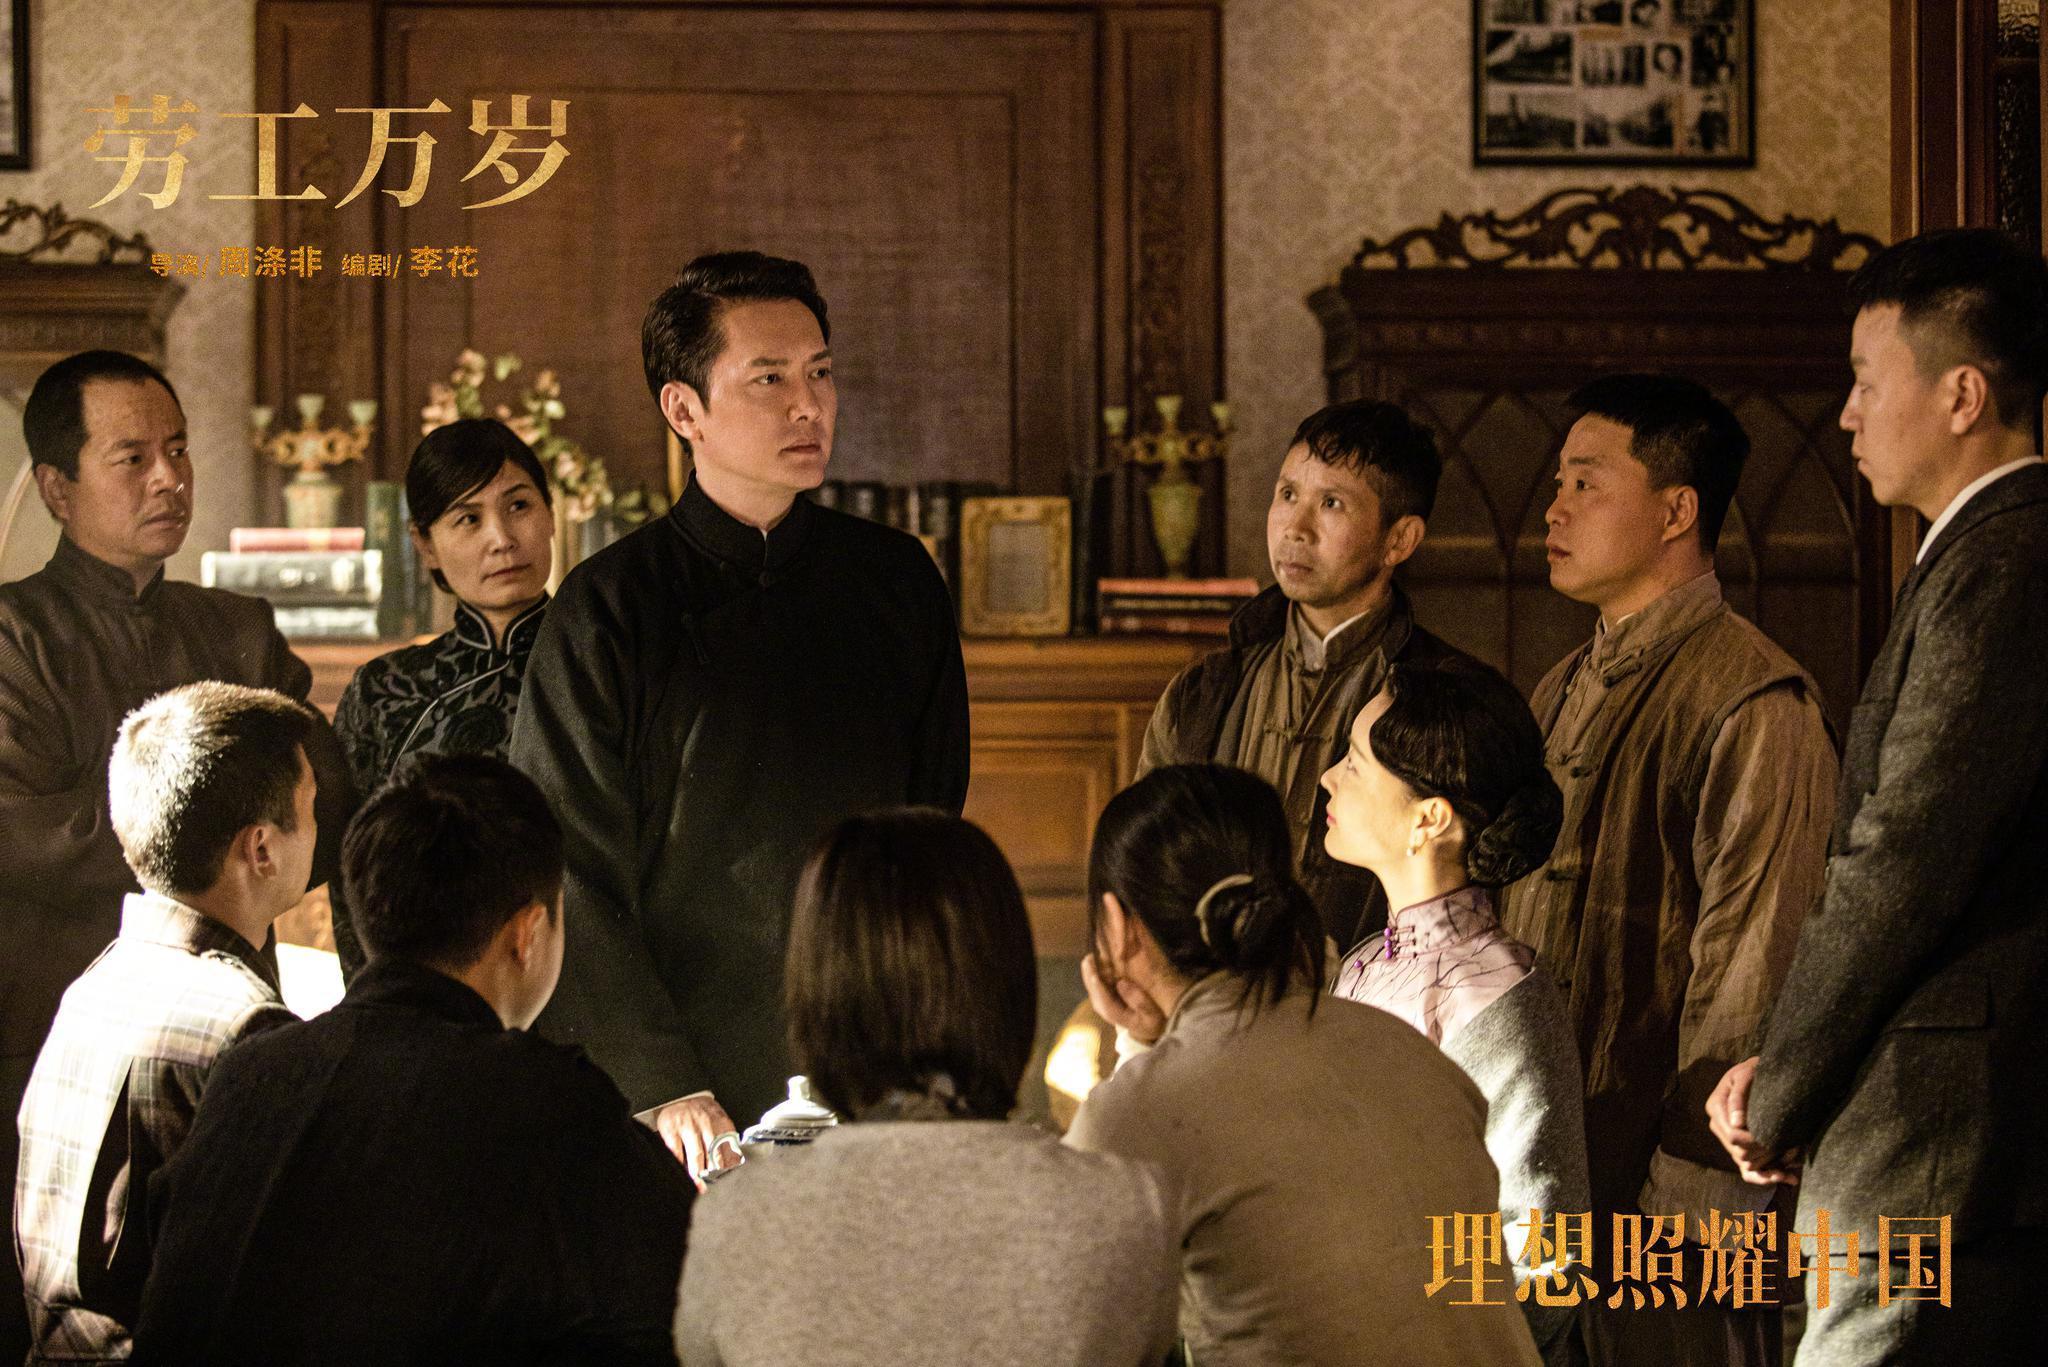 《理想照耀中国》之《劳工万岁》今日